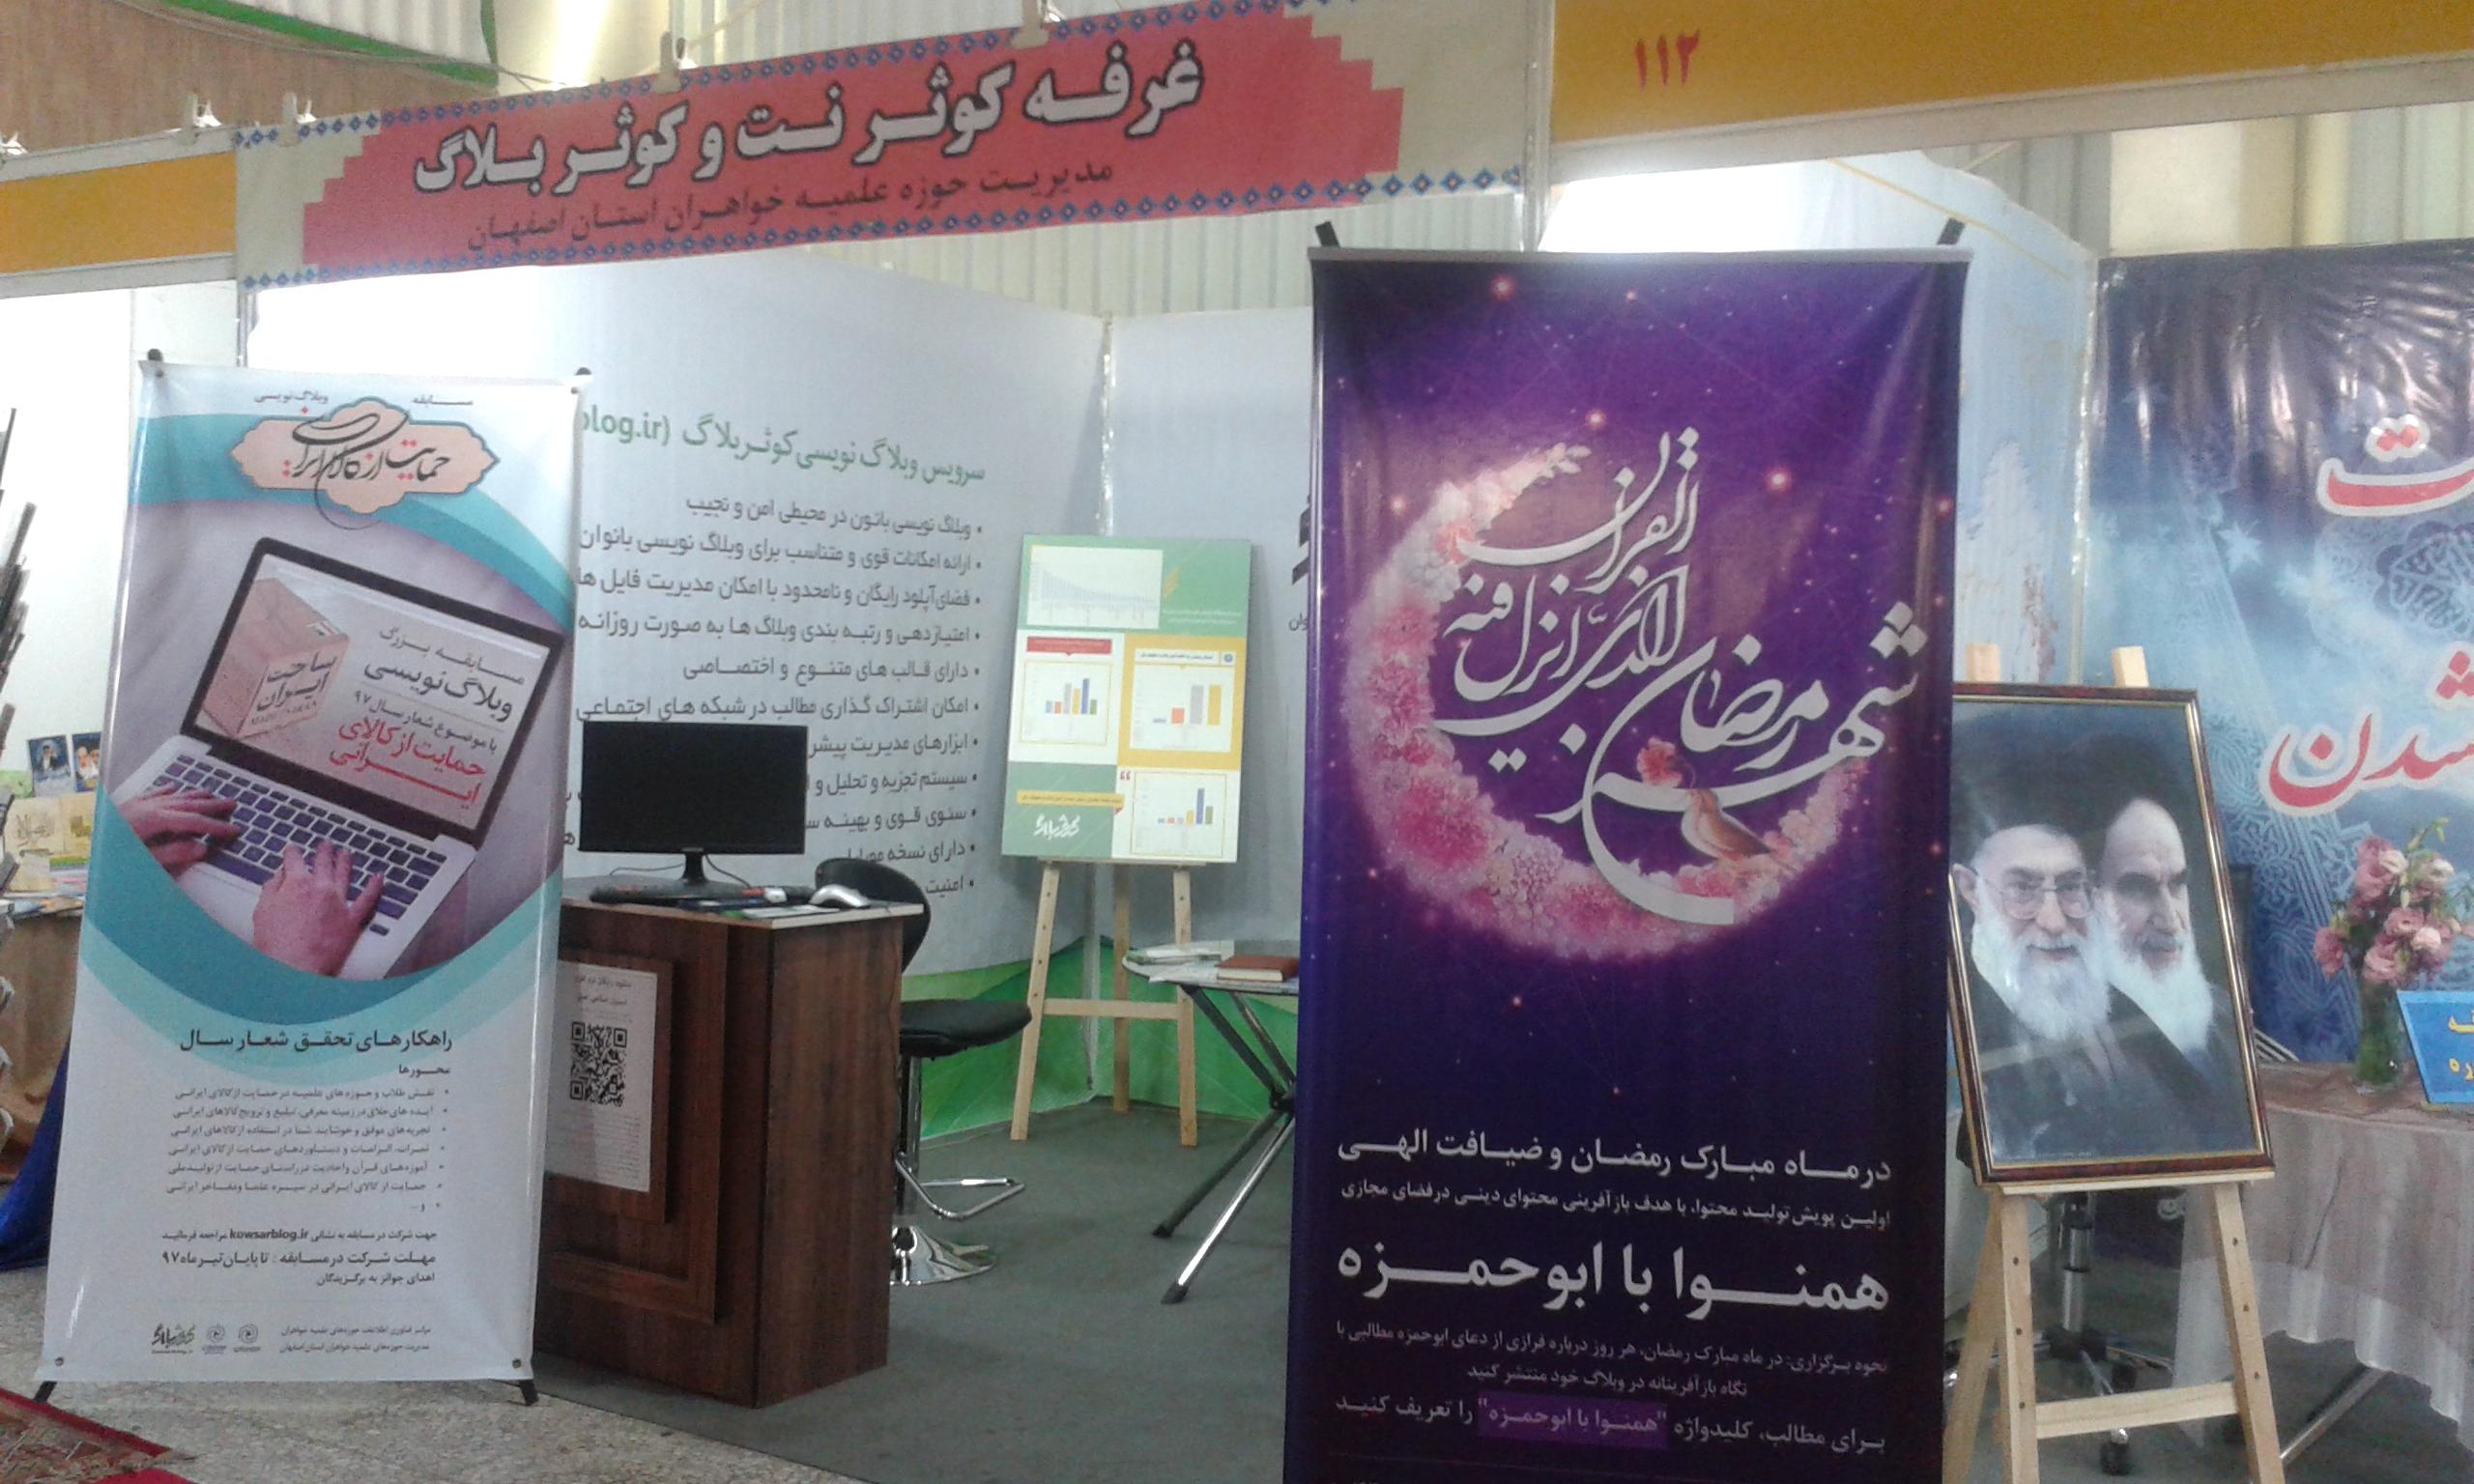 مرکز فناوری اطلاعات نمایشگاه قرآن اصفهان